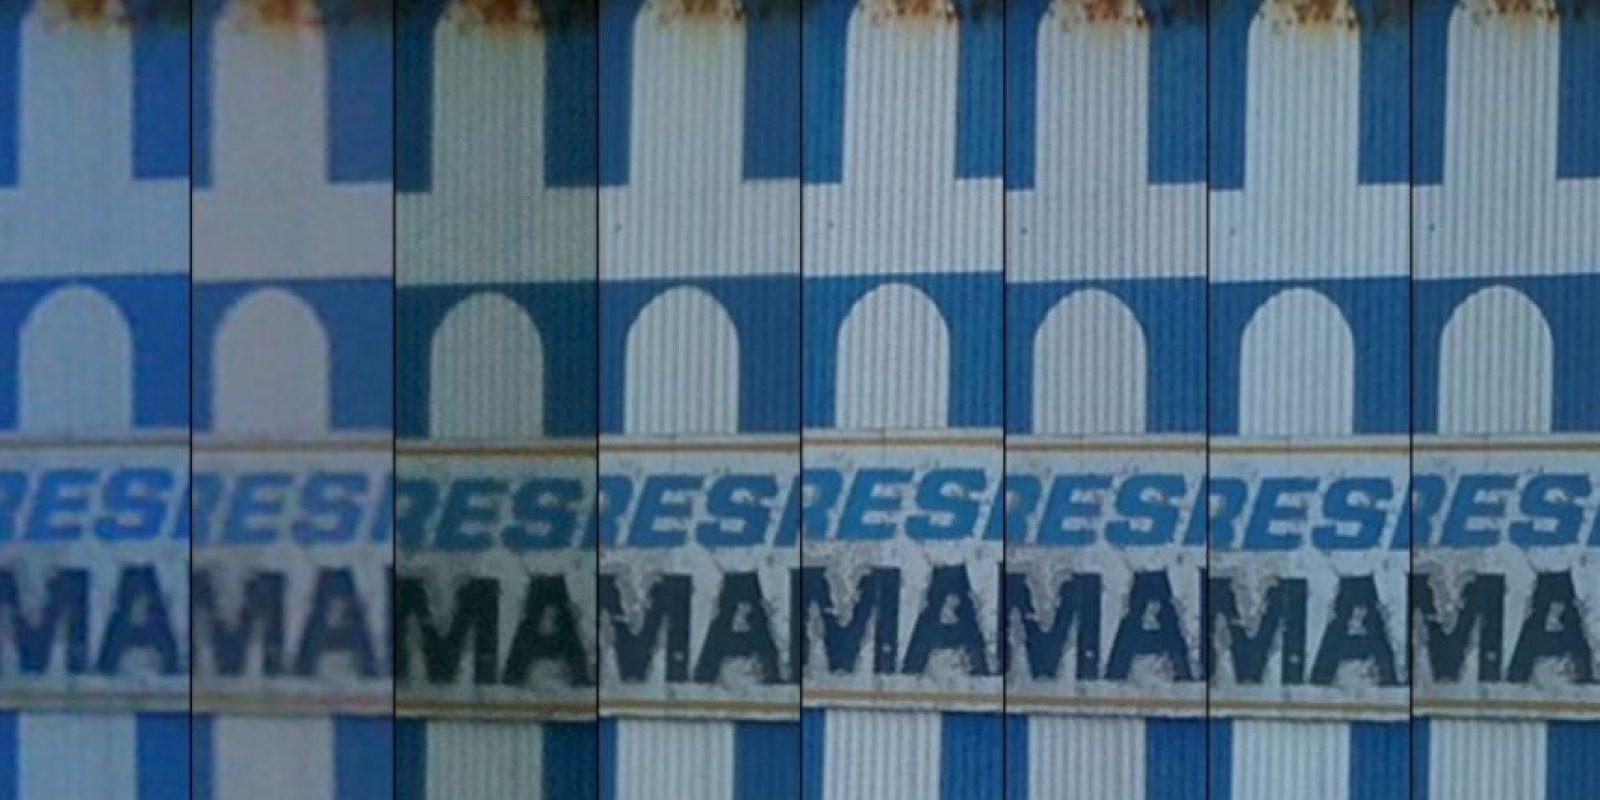 Foto:Cortesía: www.mostlylisa.com